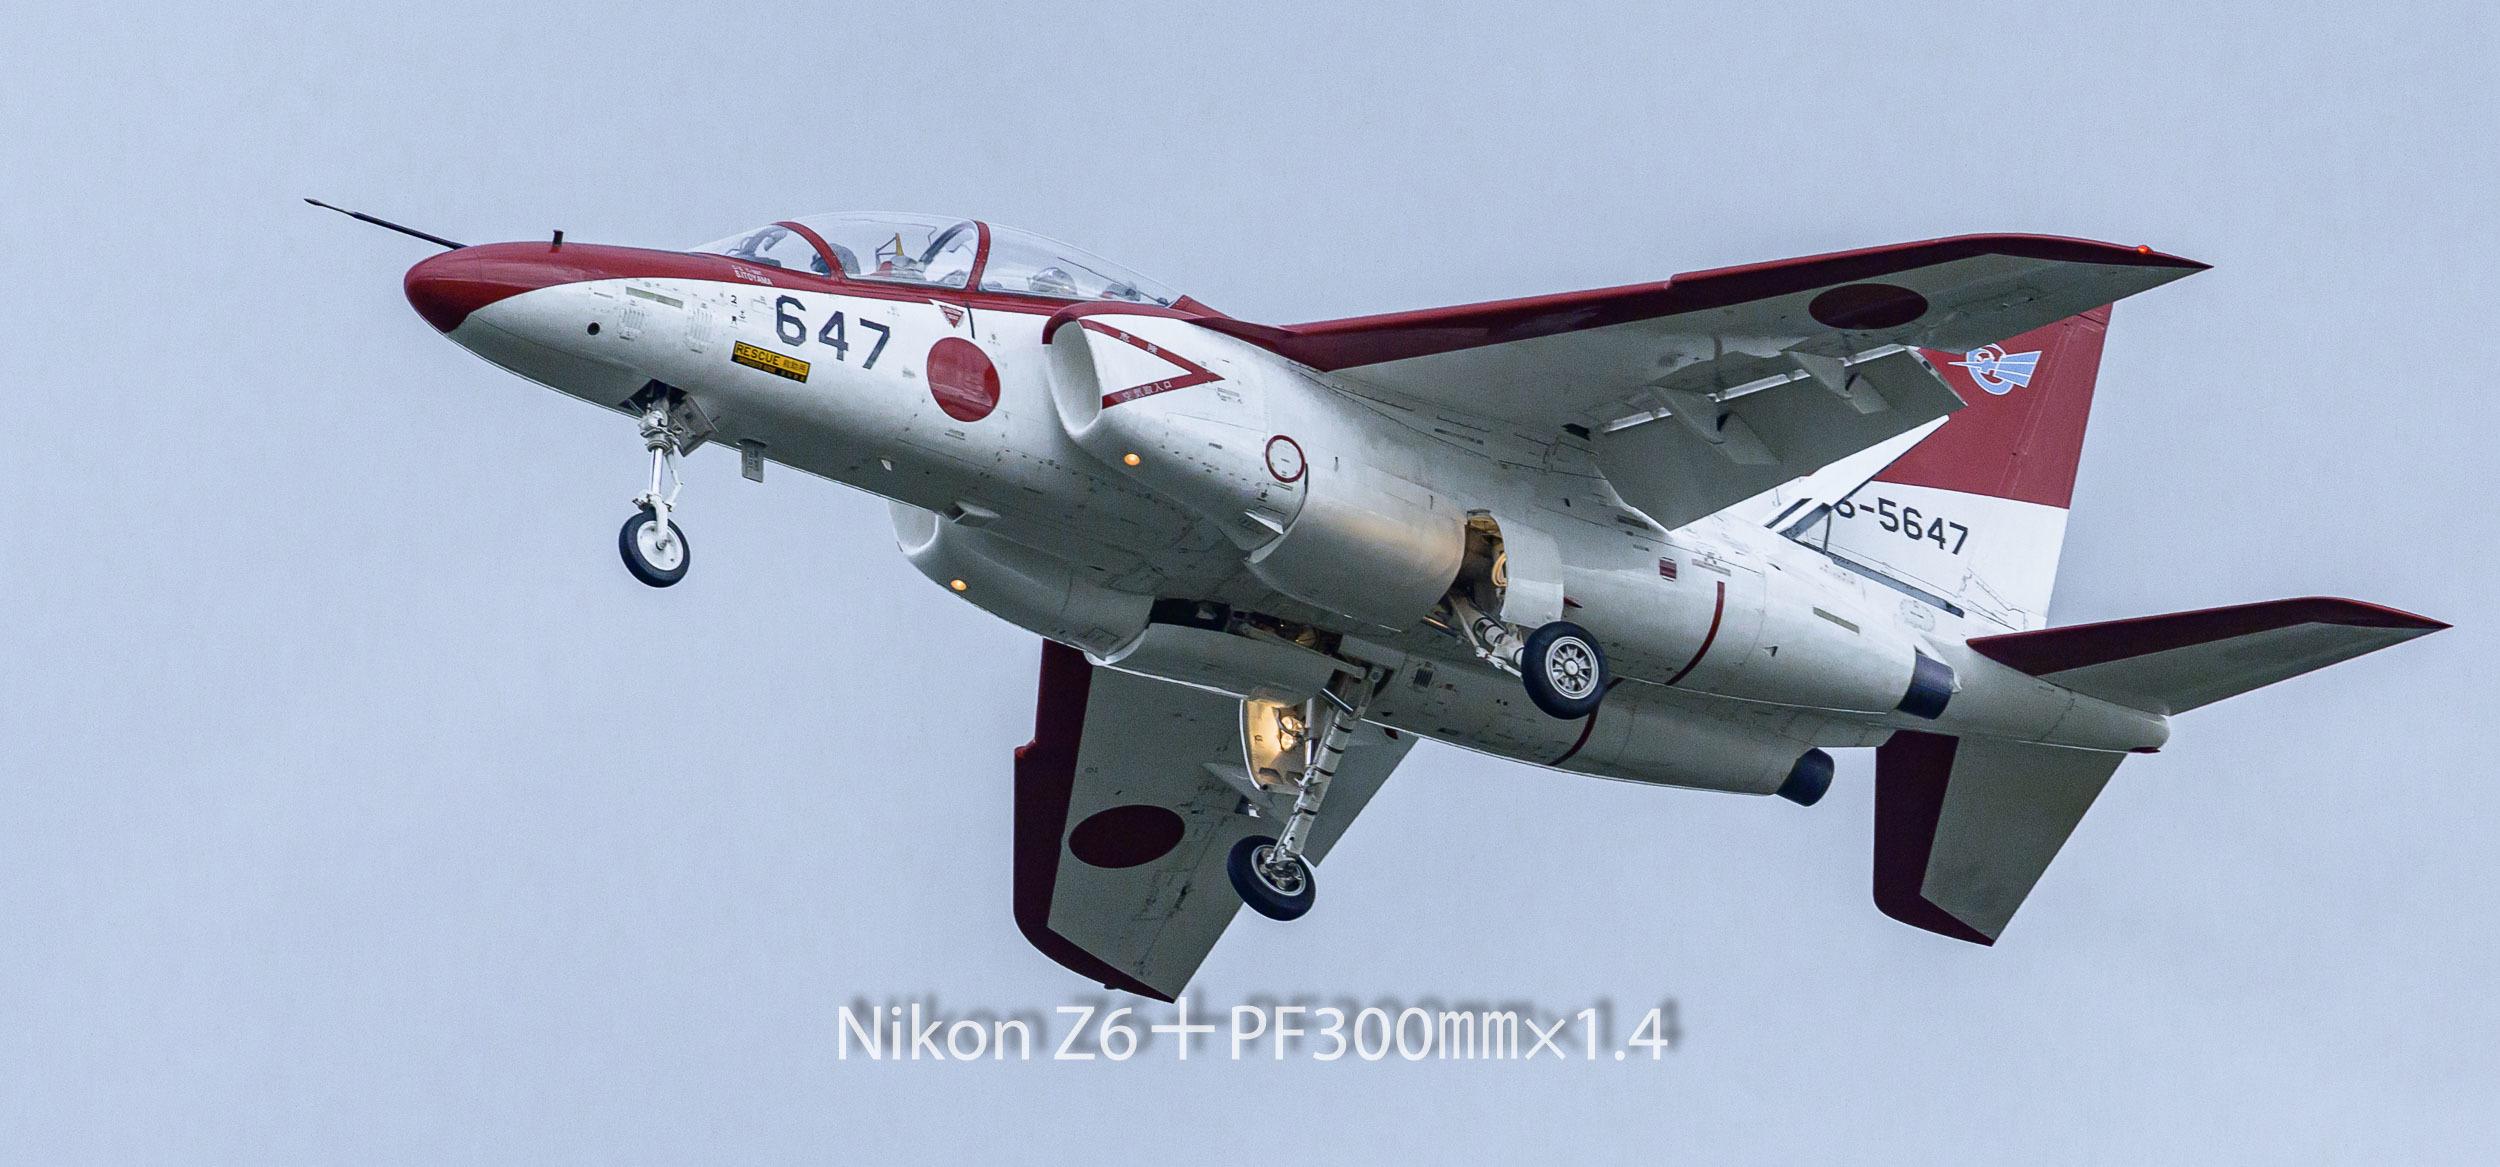 191008 ジェット練習機-30 NIKON Z 6 ISO 1250 420 mm 4367 x 2038